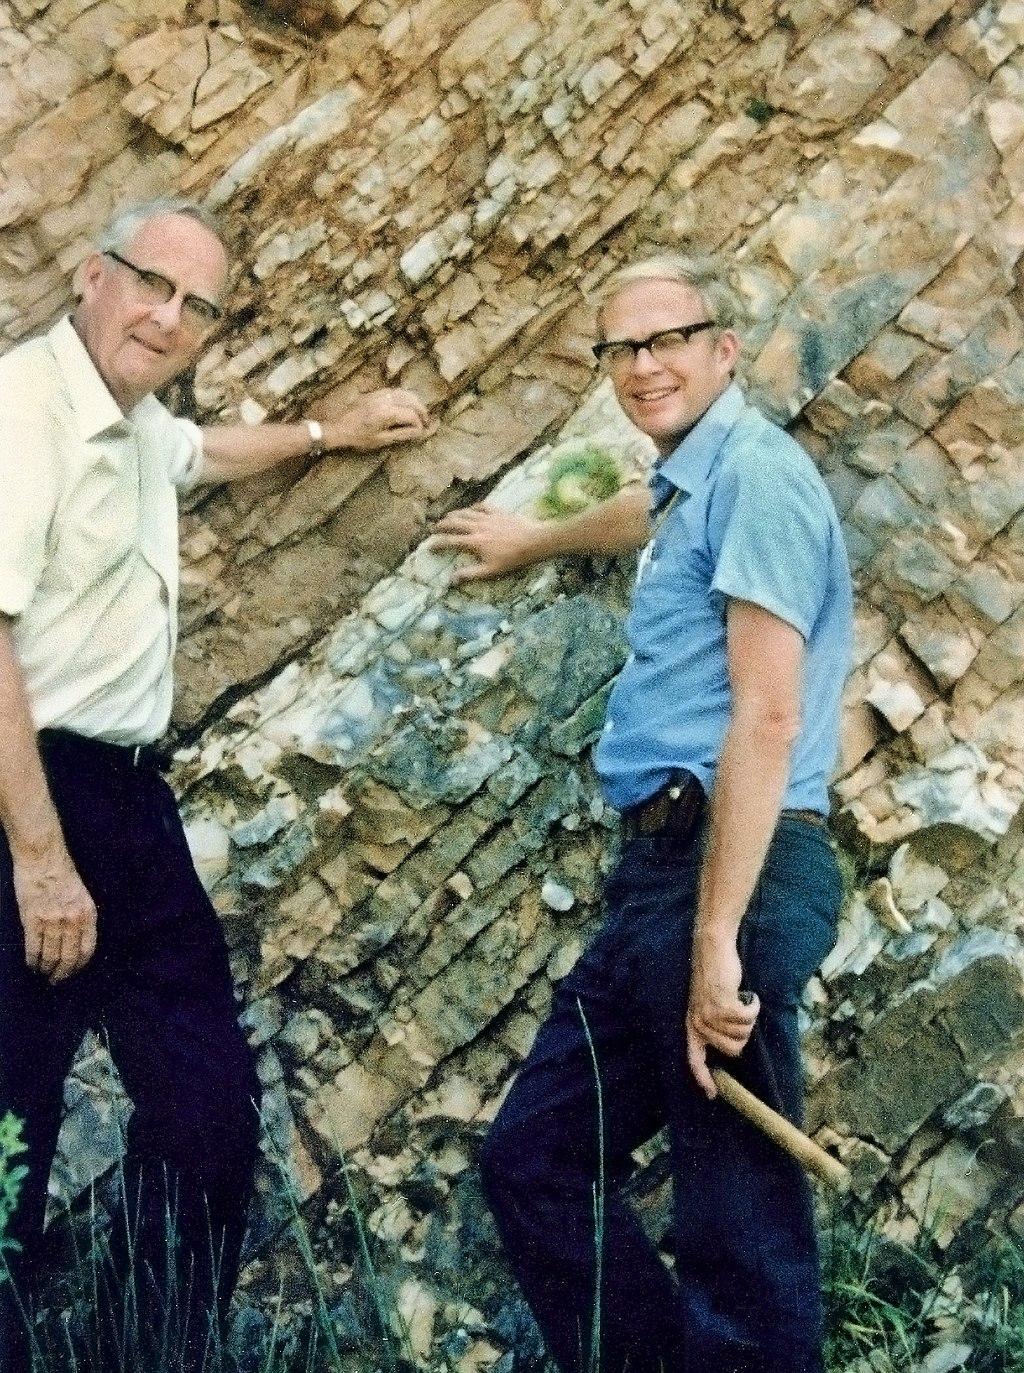 """Nové studie potvrzují původní závěr Luise W. Alvareze (vpravo), že dinosauři a mnozí jejich současnícibyli vyhubeni """"impaktní zimou"""", která nastala po dopadu vzedmutím prachu a popela a zastíněním slunečního svitu na globální úrovni. Svoji impaktní"""